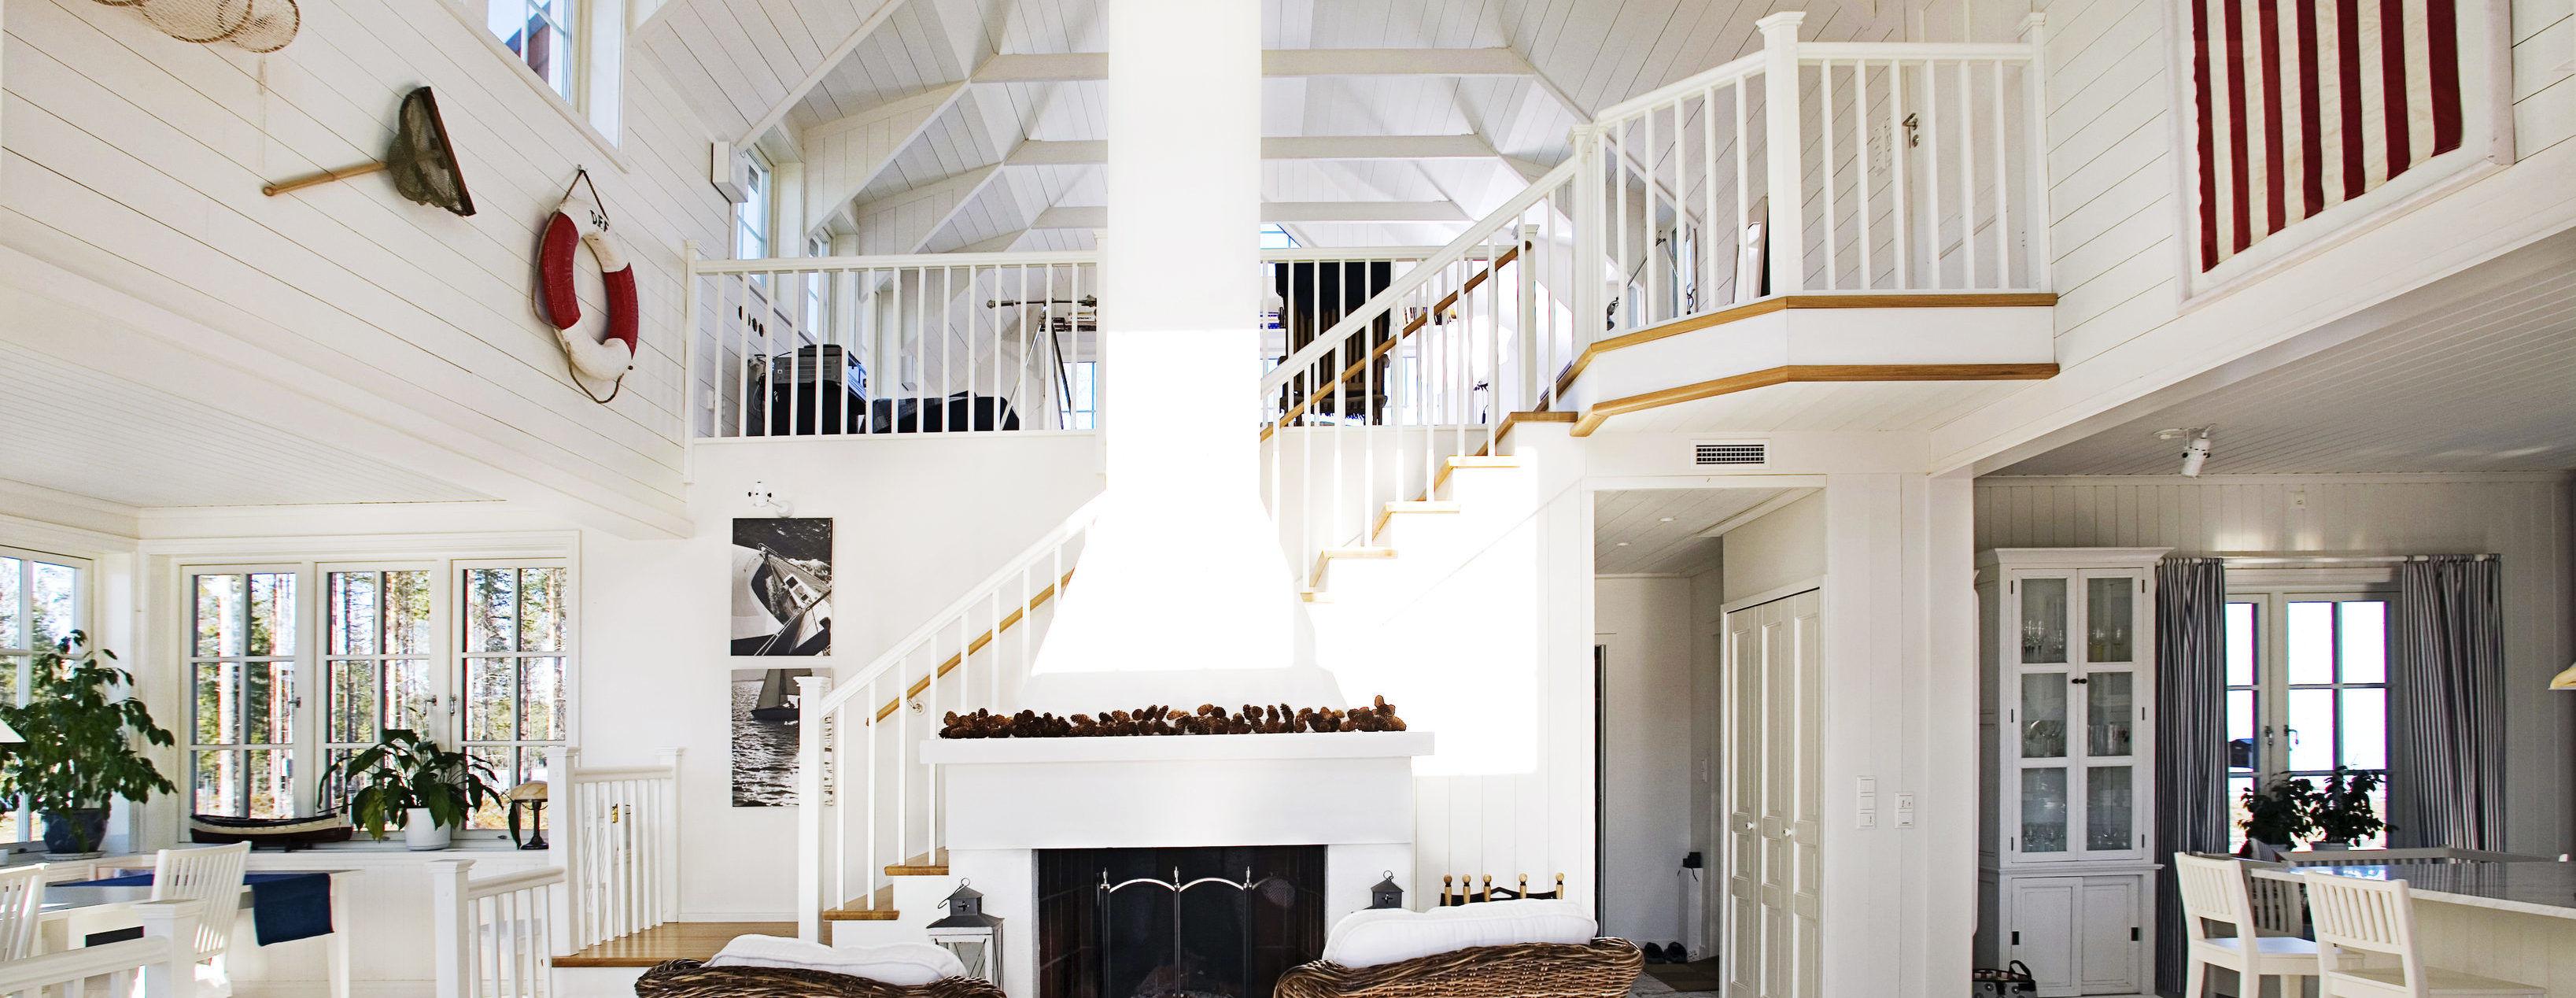 Bygg stilig trätrappa från trappspecialist | Trappspecialisterna